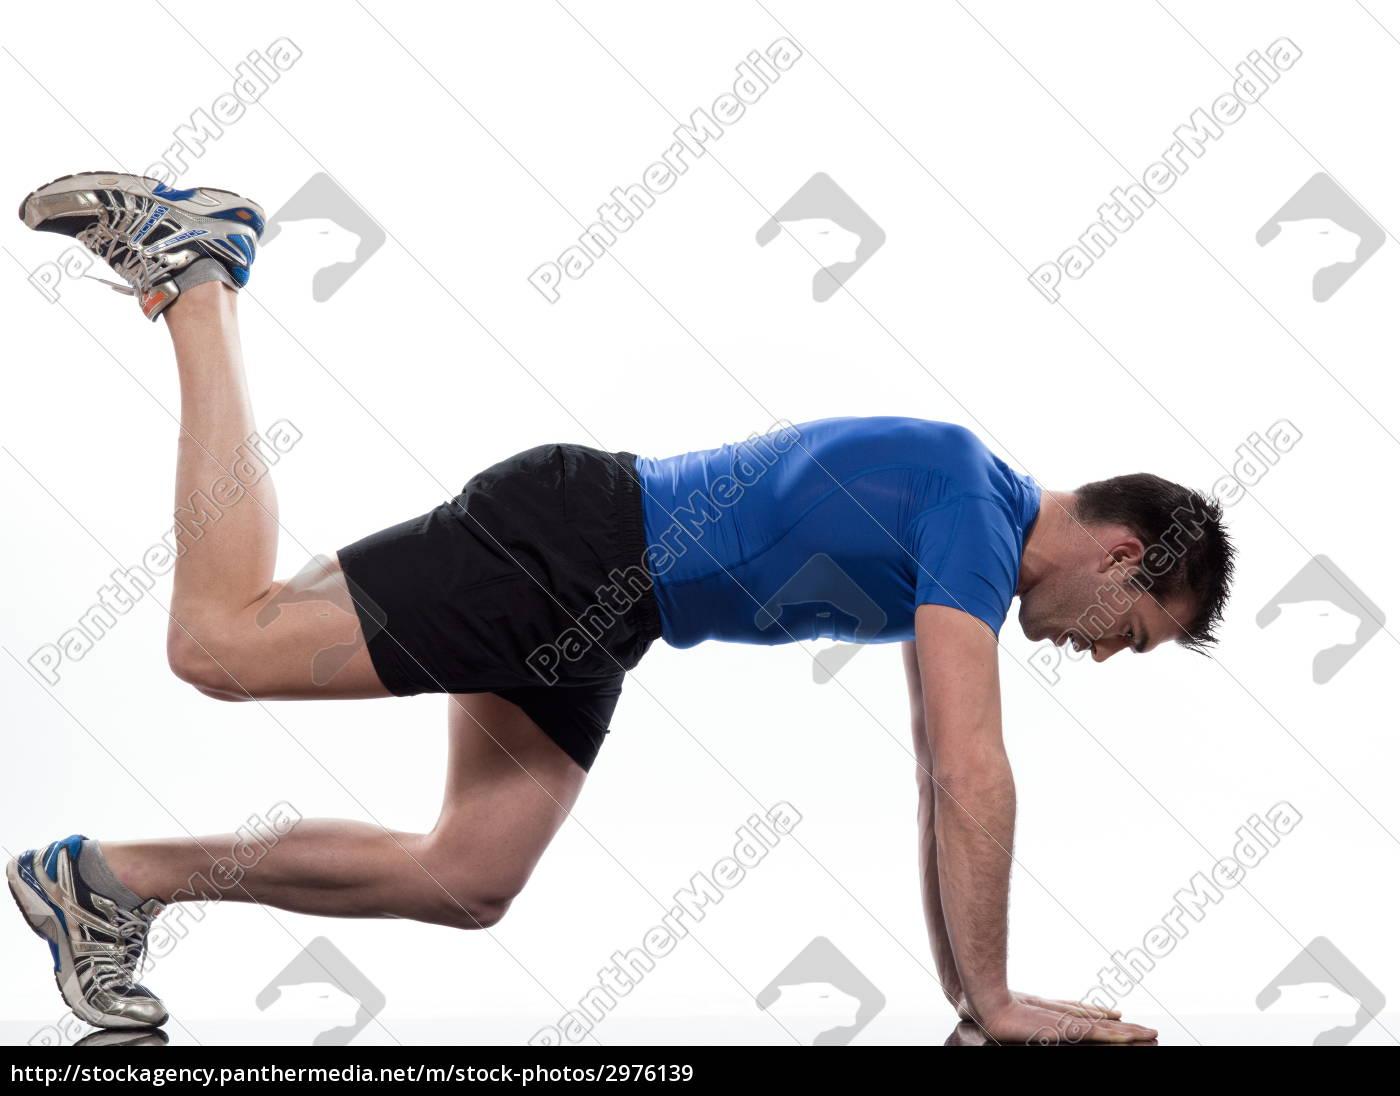 abdominals, workout, posture, floor, abdomin - 2976139